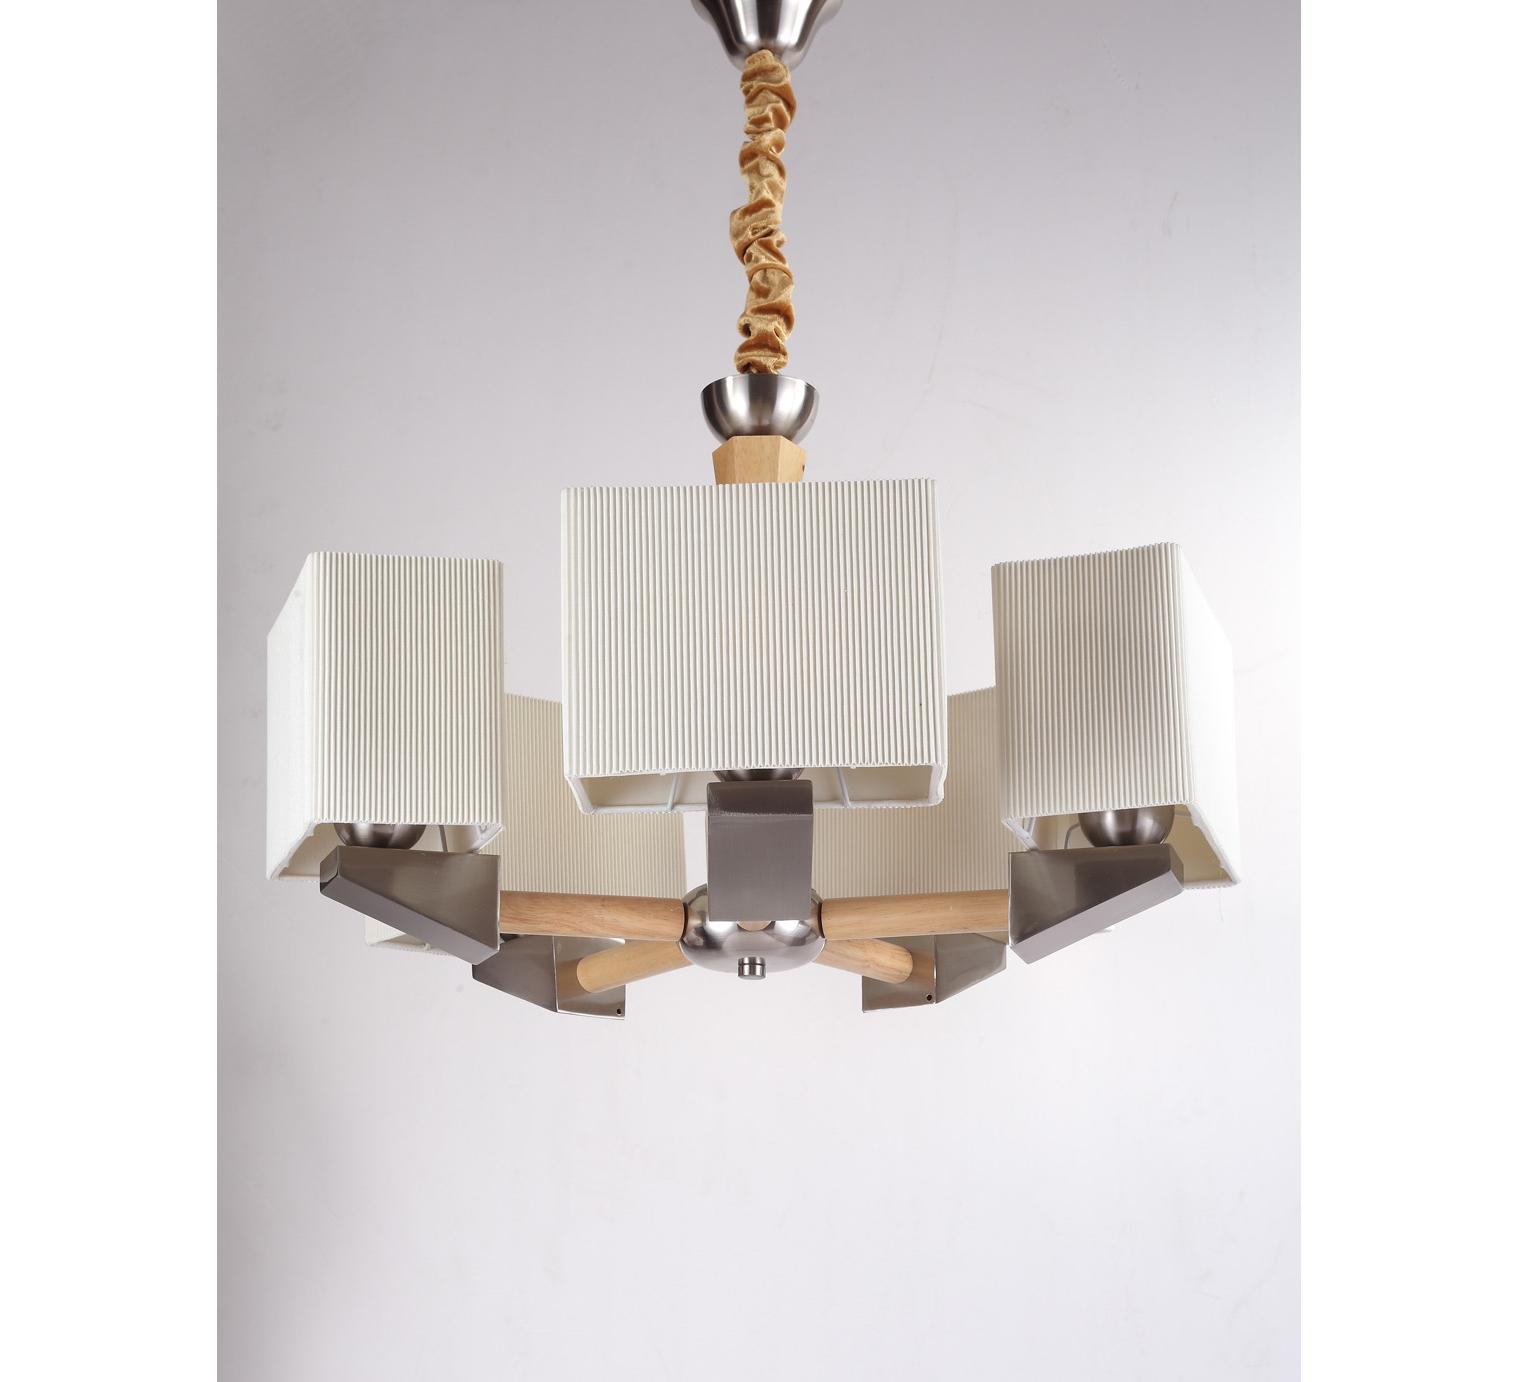 Люстра NaturaЛюстры подвесные<br>Материал: Дерево/металл/ткань<br>Design by Marco Rossini Italy<br>Источник света: 5*60W (E27)<br>Особенности:<br>  а) Массив натурального дерева<br>  b) Льняные абажуры<br>  с) Универсальный дизайн<br>  d) Легкое крепление&amp;amp;nbsp;<br><br>Material: Дерево<br>Height см: 77<br>Diameter см: 62